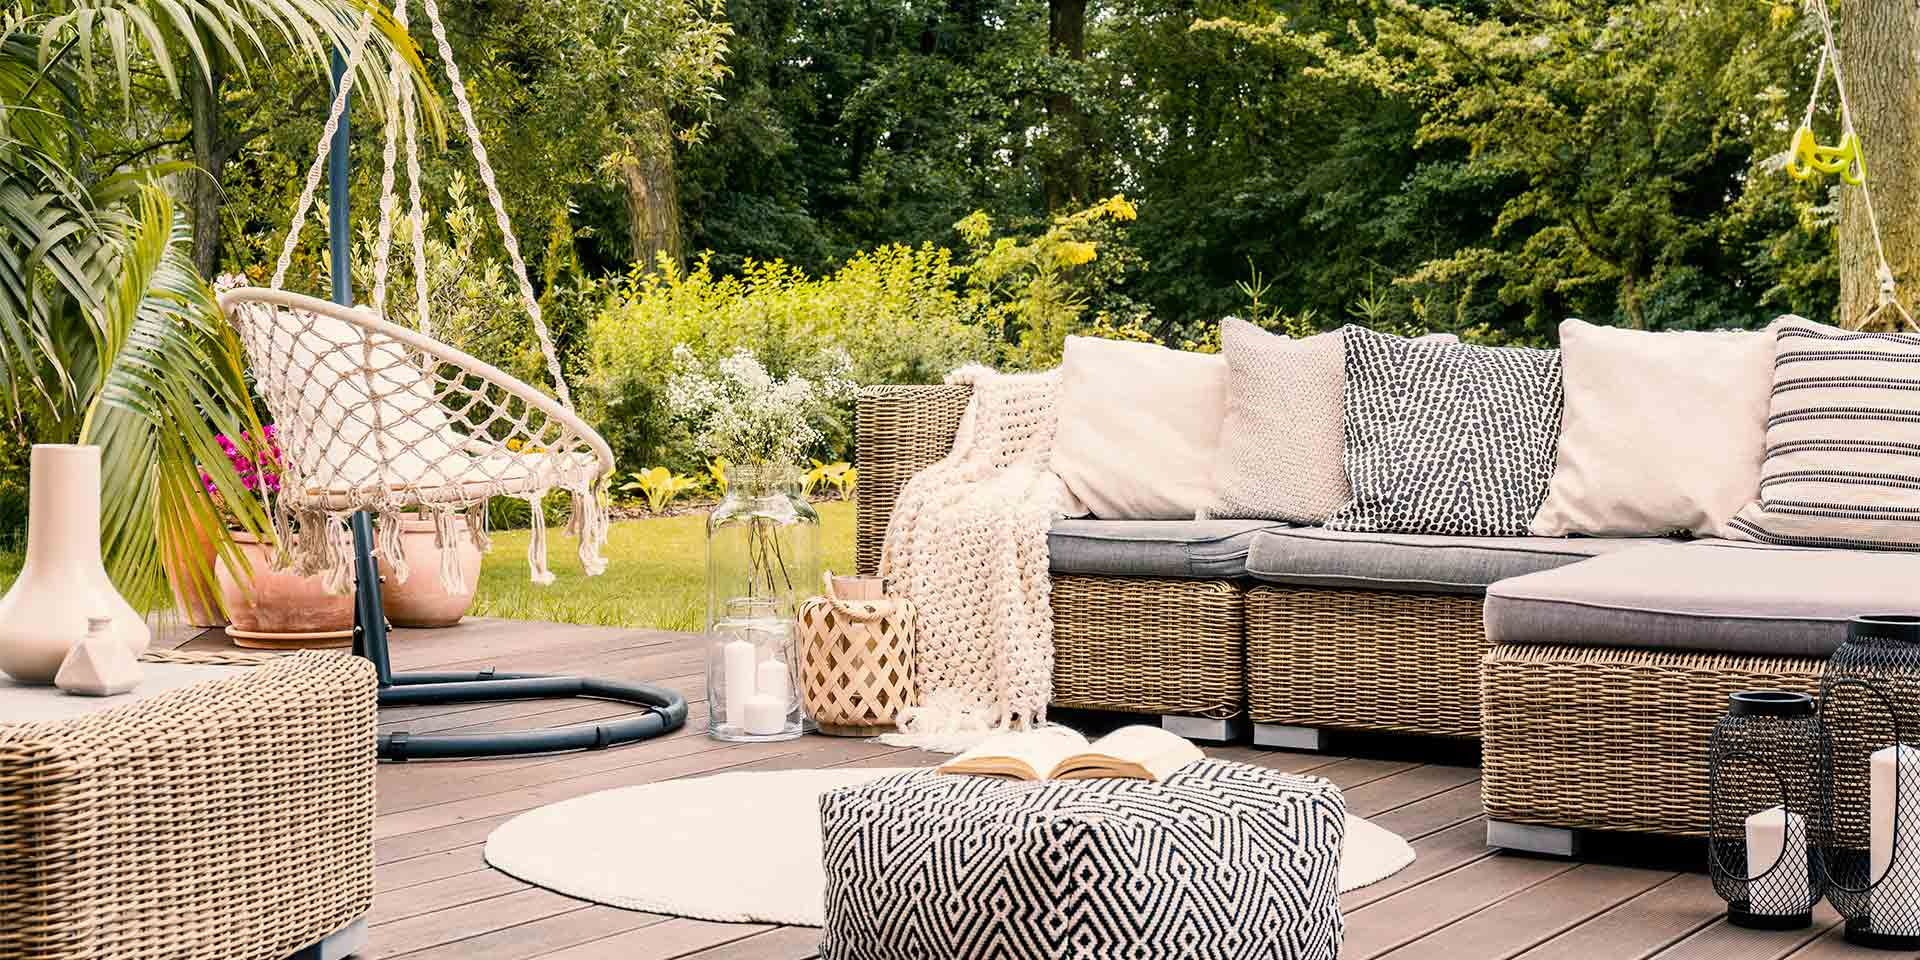 Gartenmöbel auf Terrasse